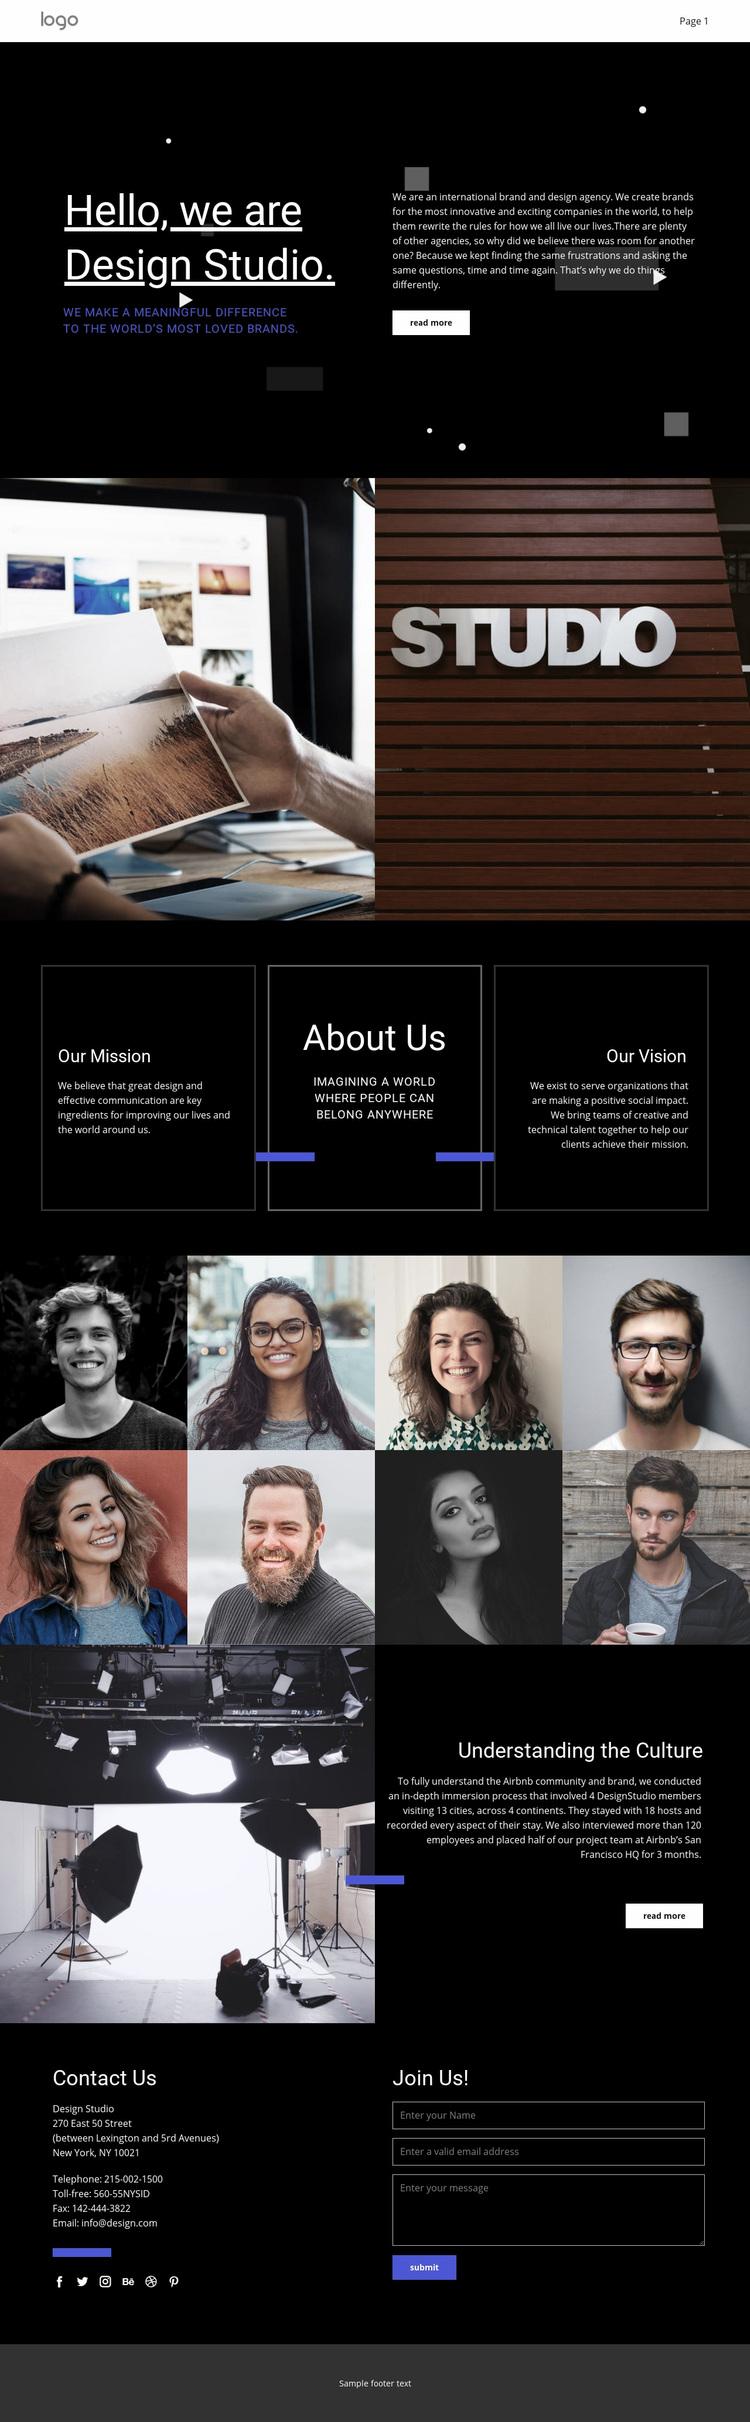 Our design is unique Web Page Designer